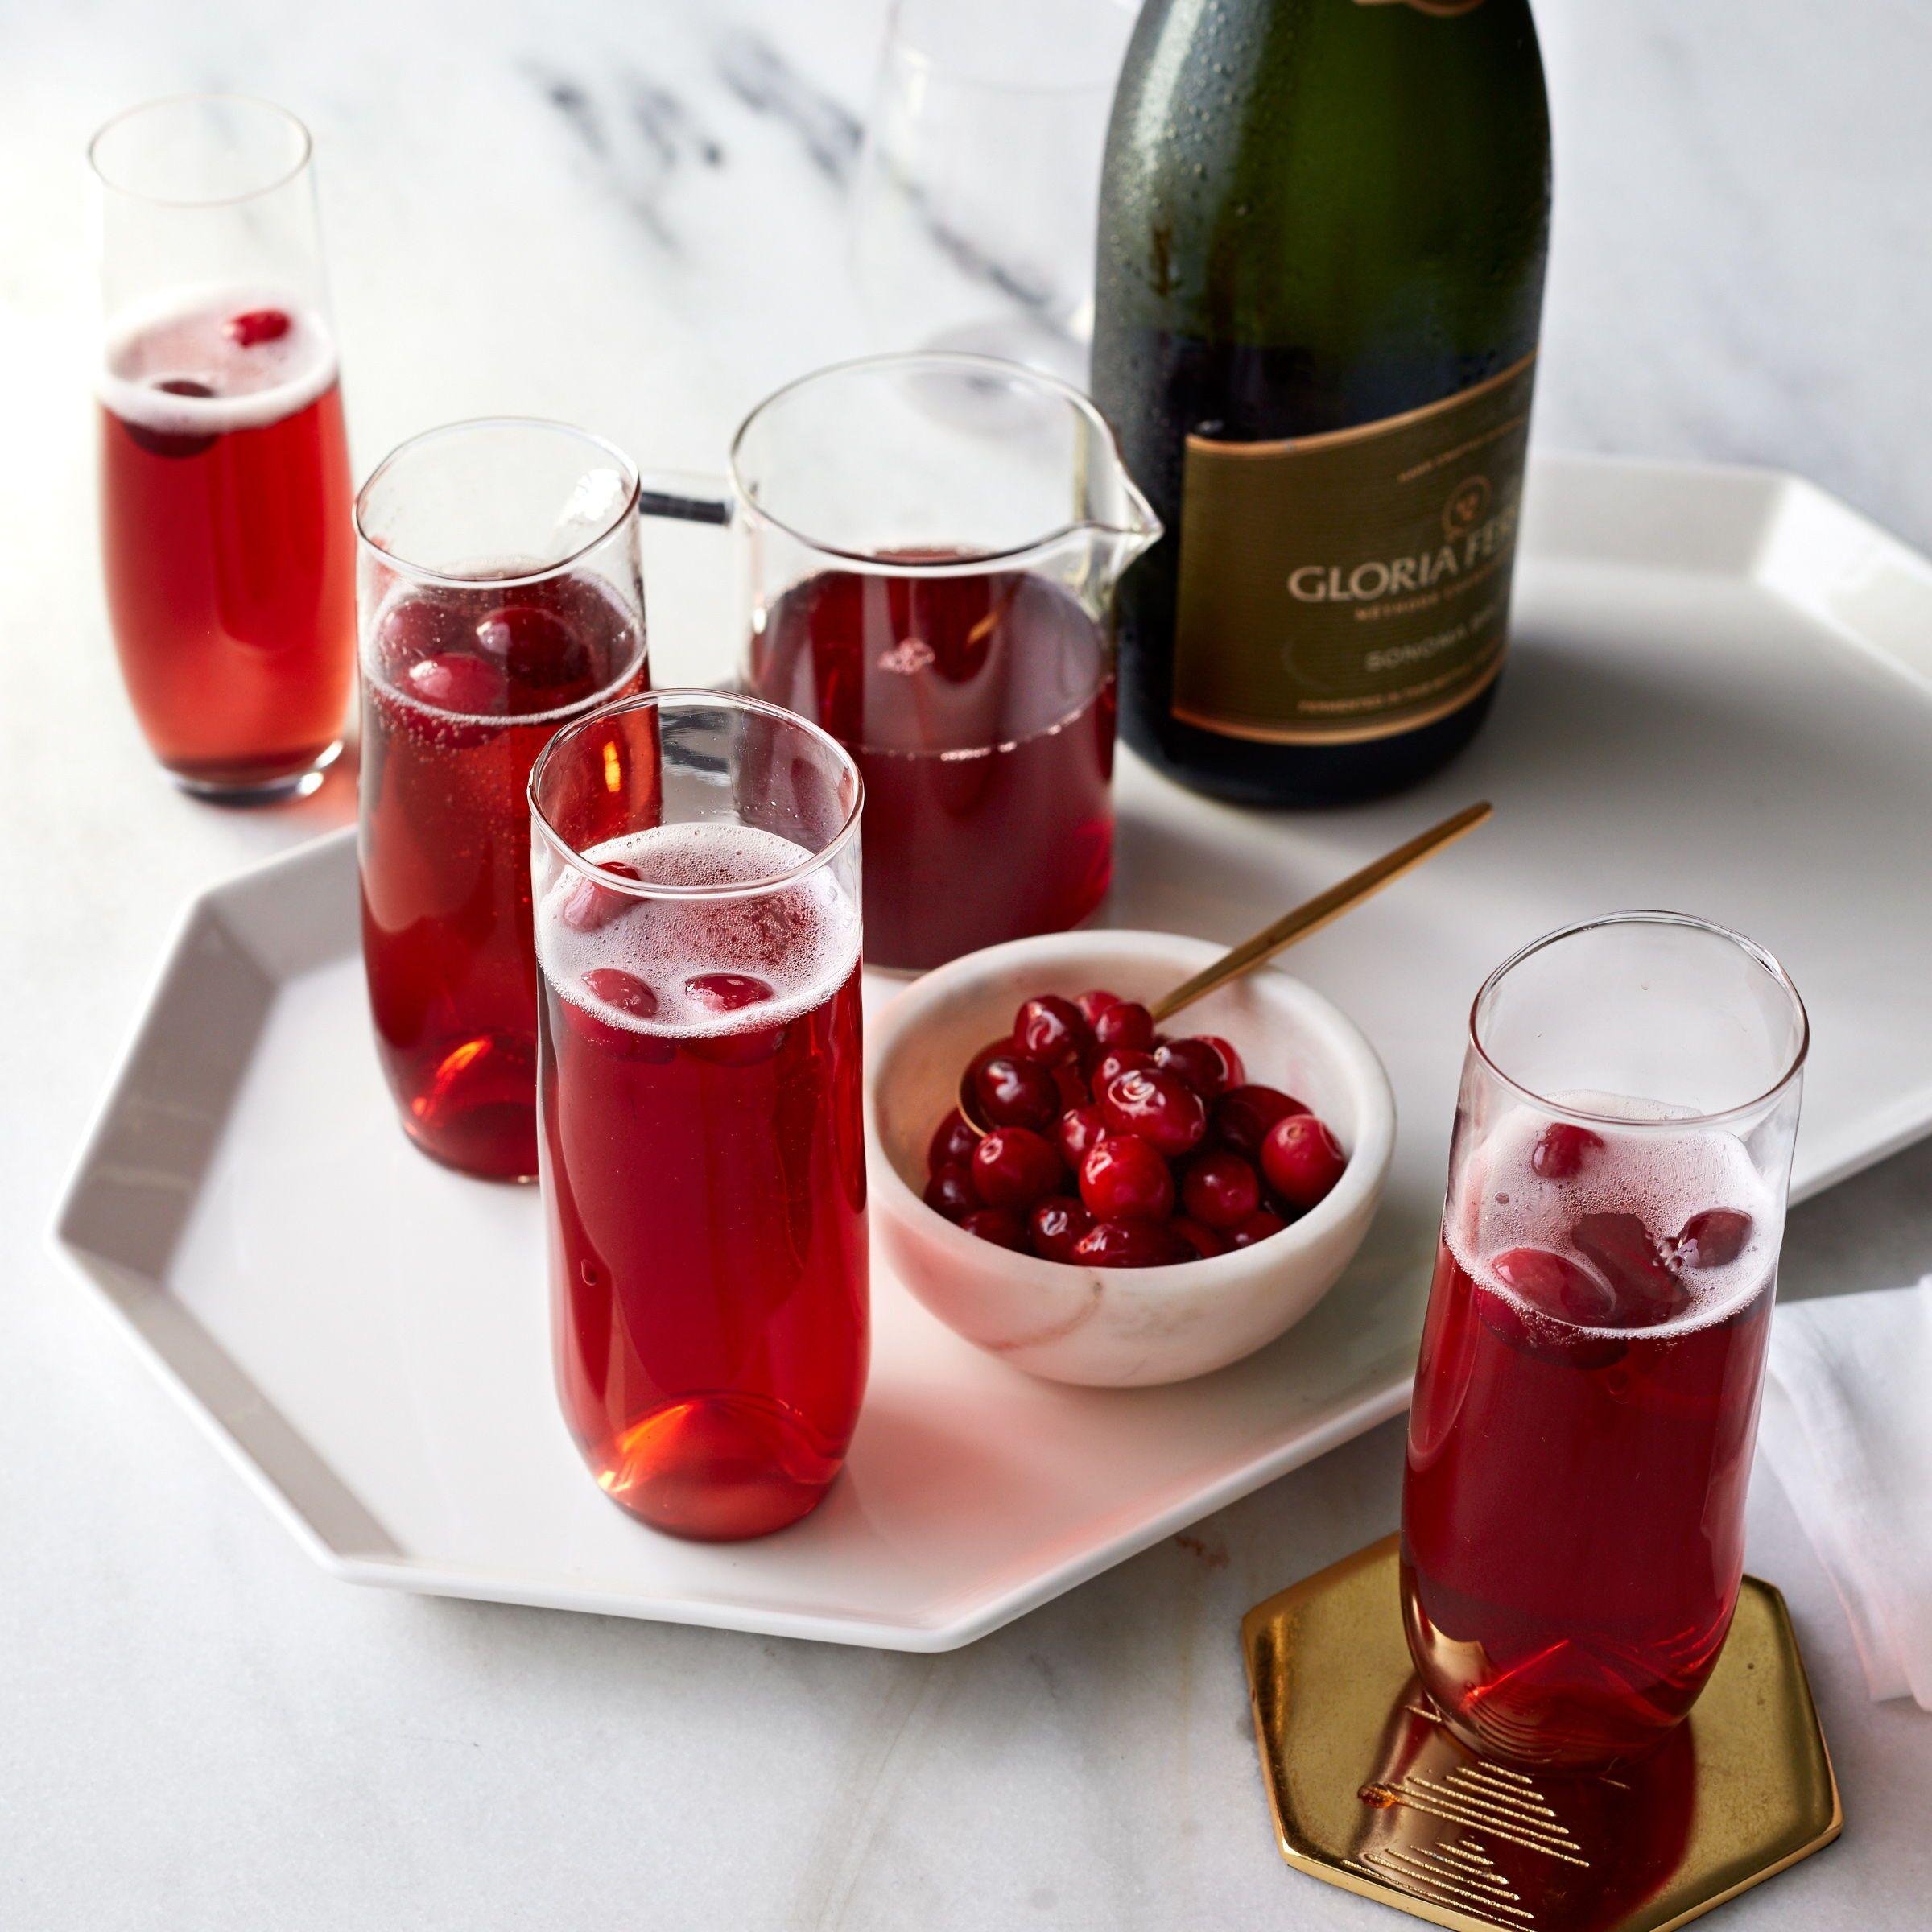 Crimson Spice Champagne Cocktail Recipe Recipe Champagne Cocktail Champagne Recipes Cocktails Margarita Recipe Tequila